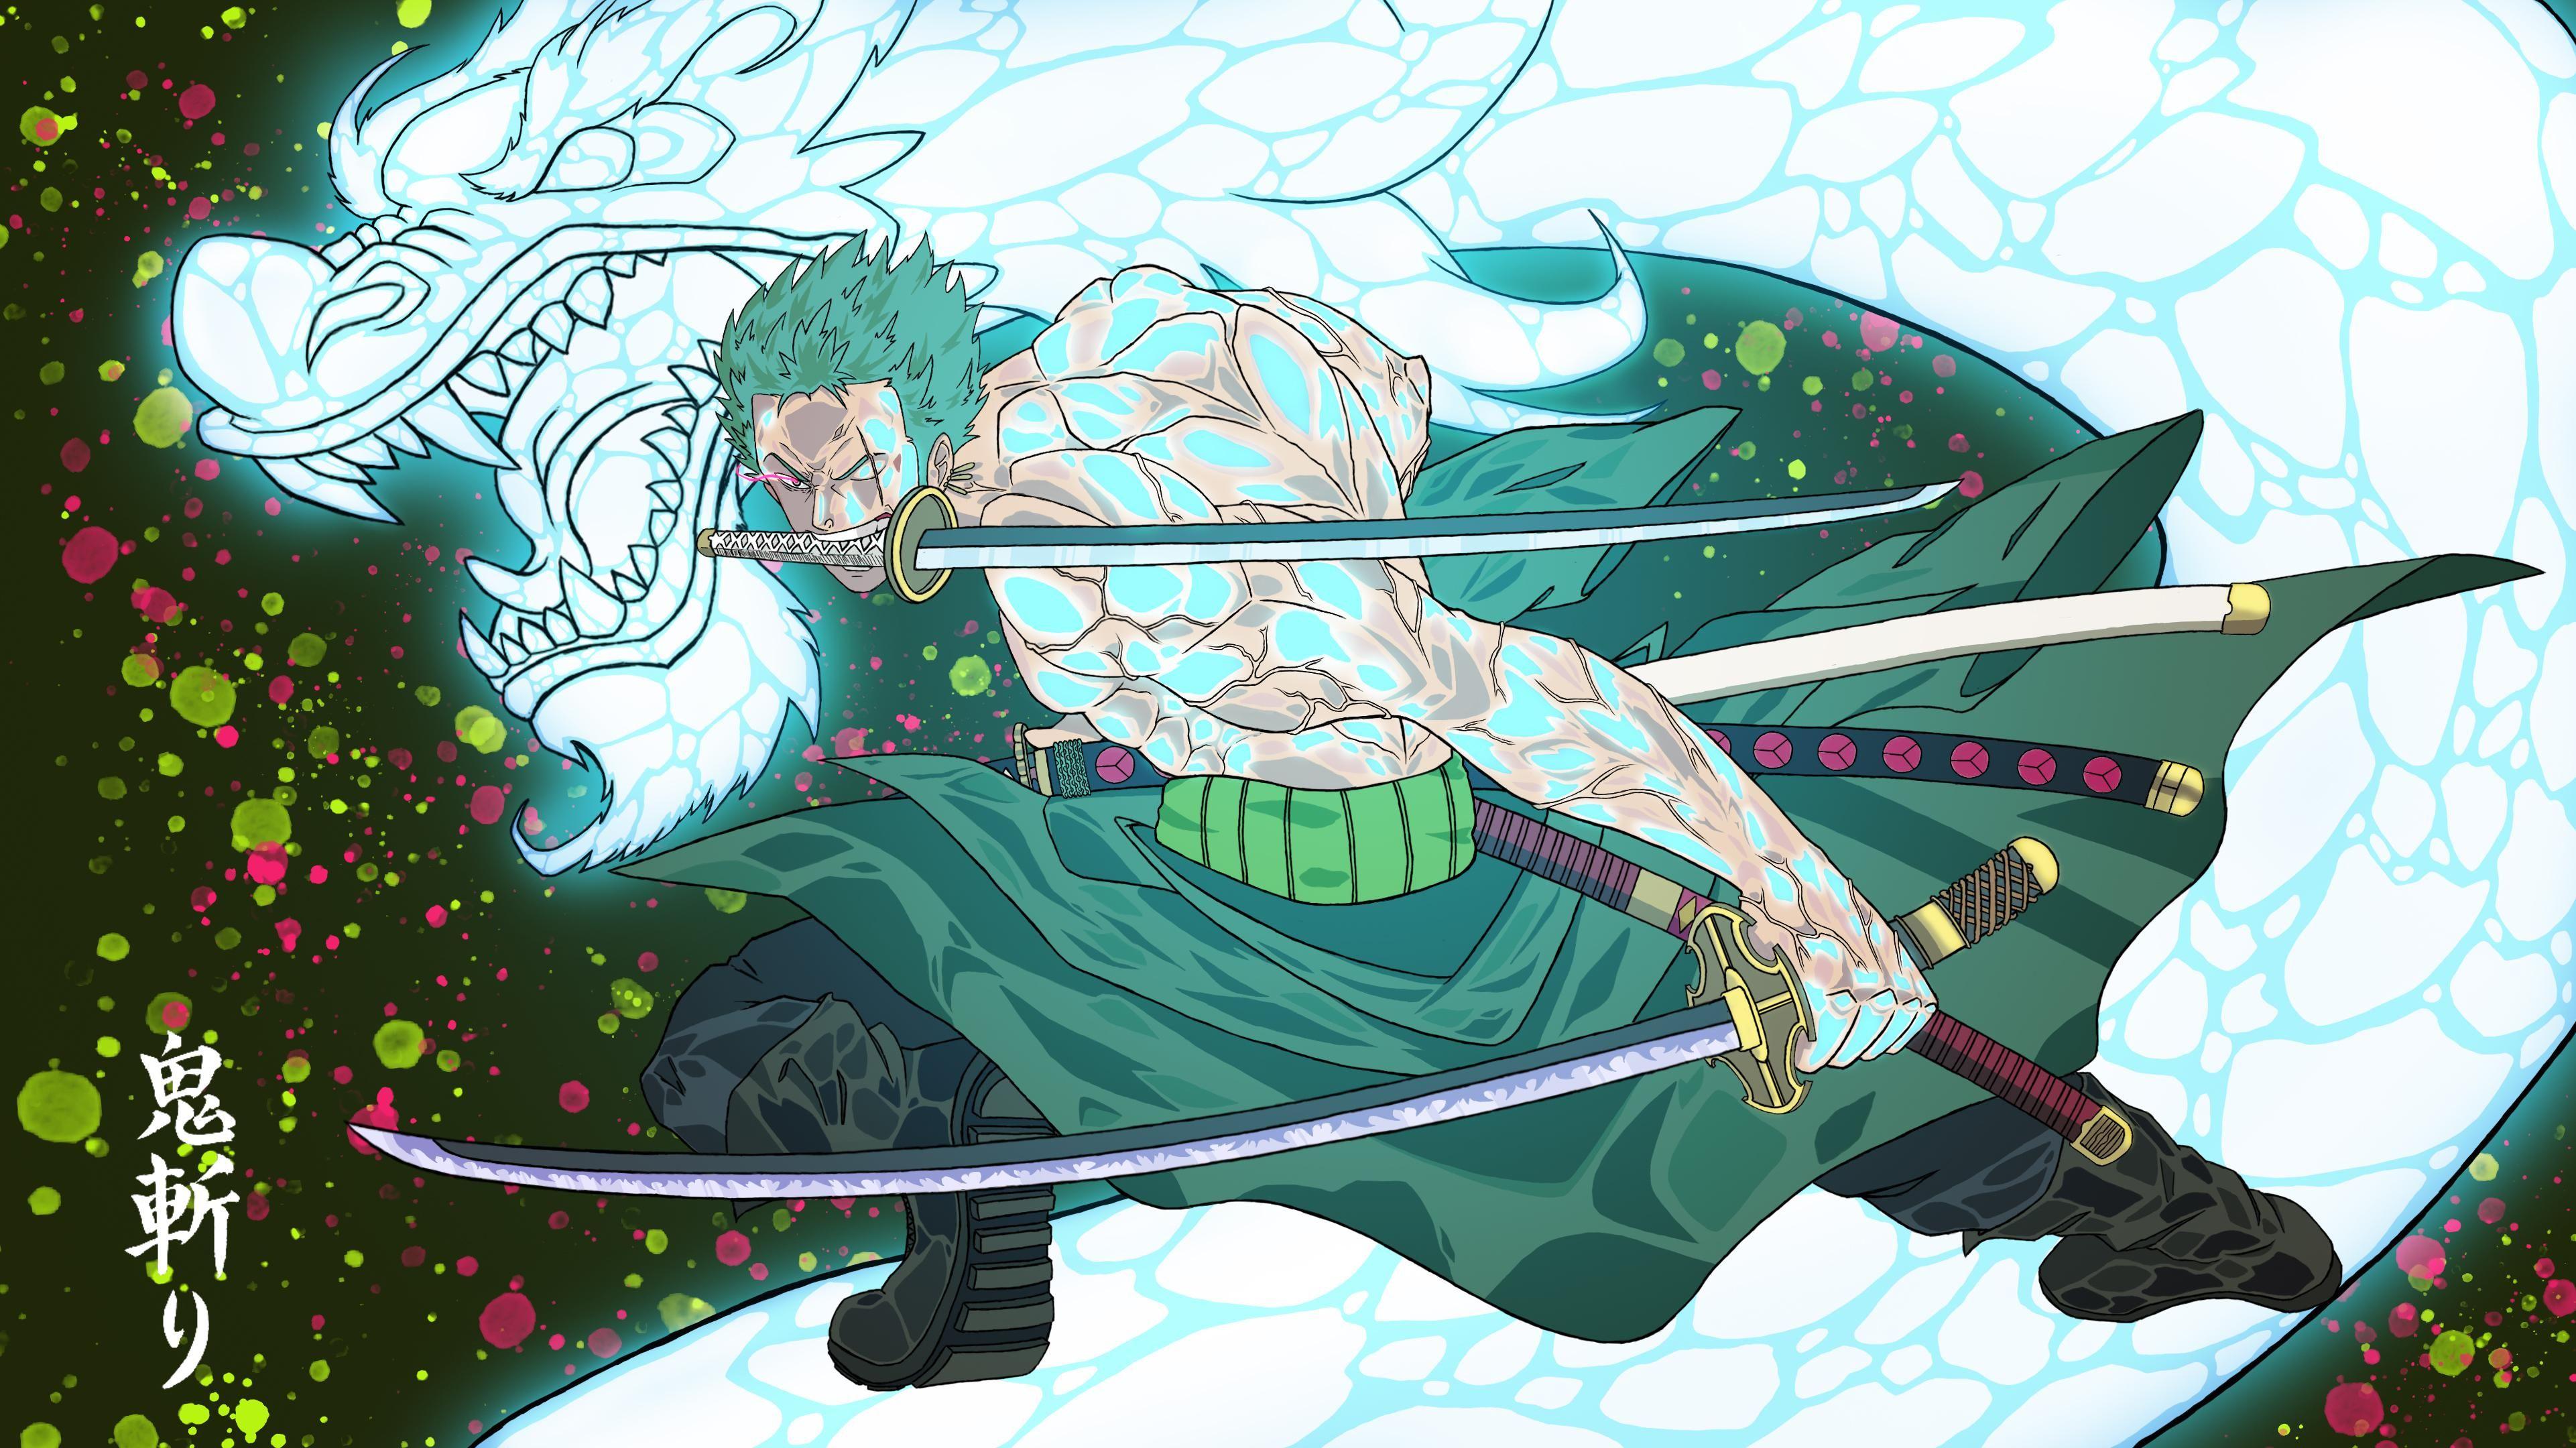 Zoro And Luffy Wallpaper